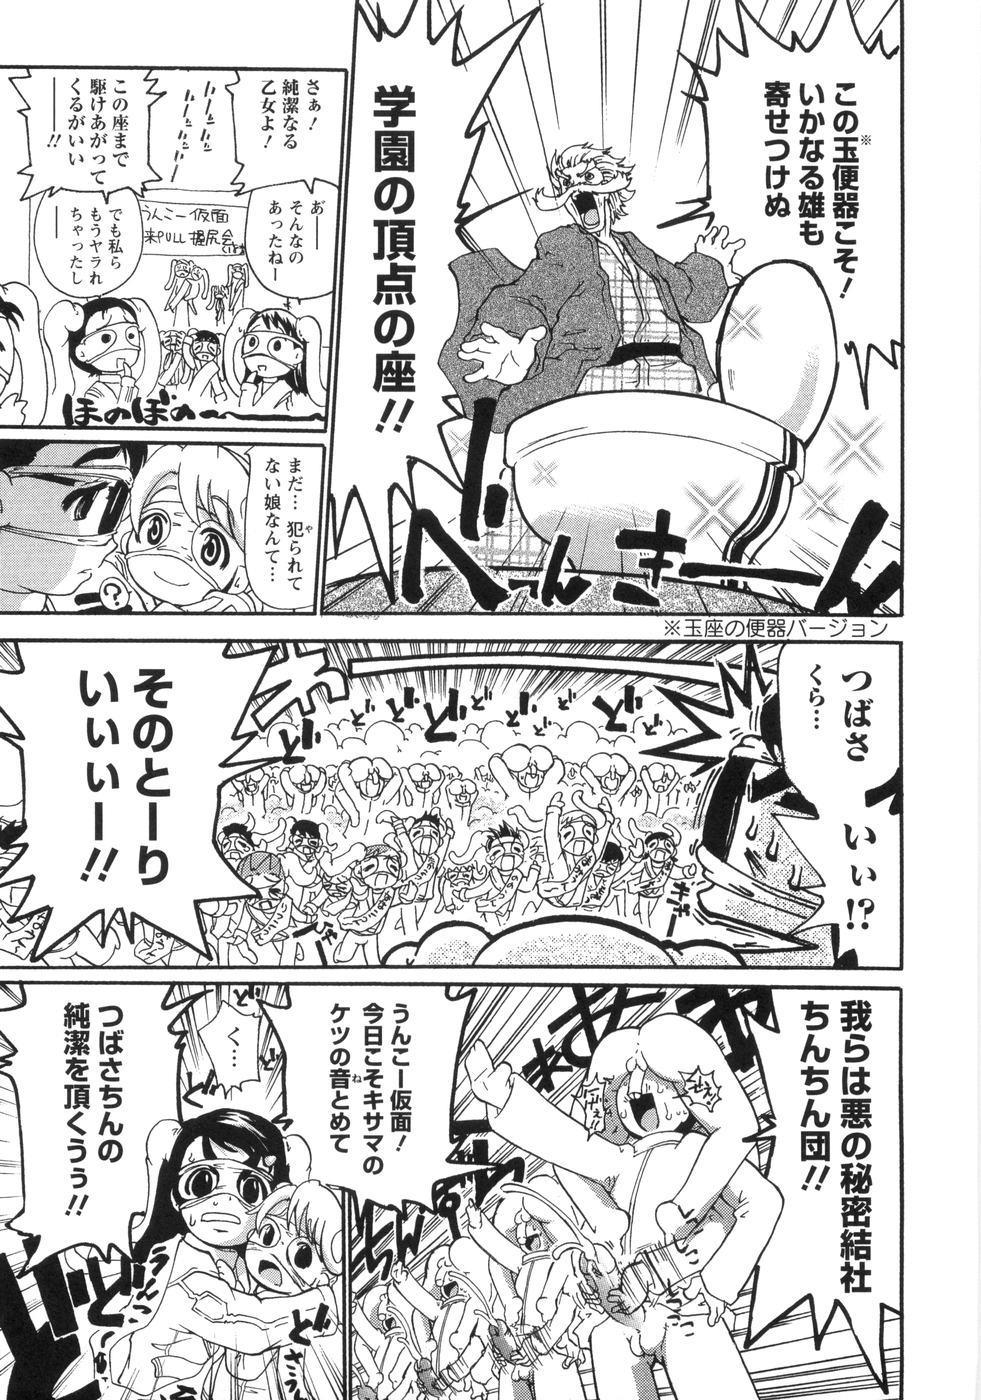 0 PULL TOWN Gakuen e Youkoso! 151